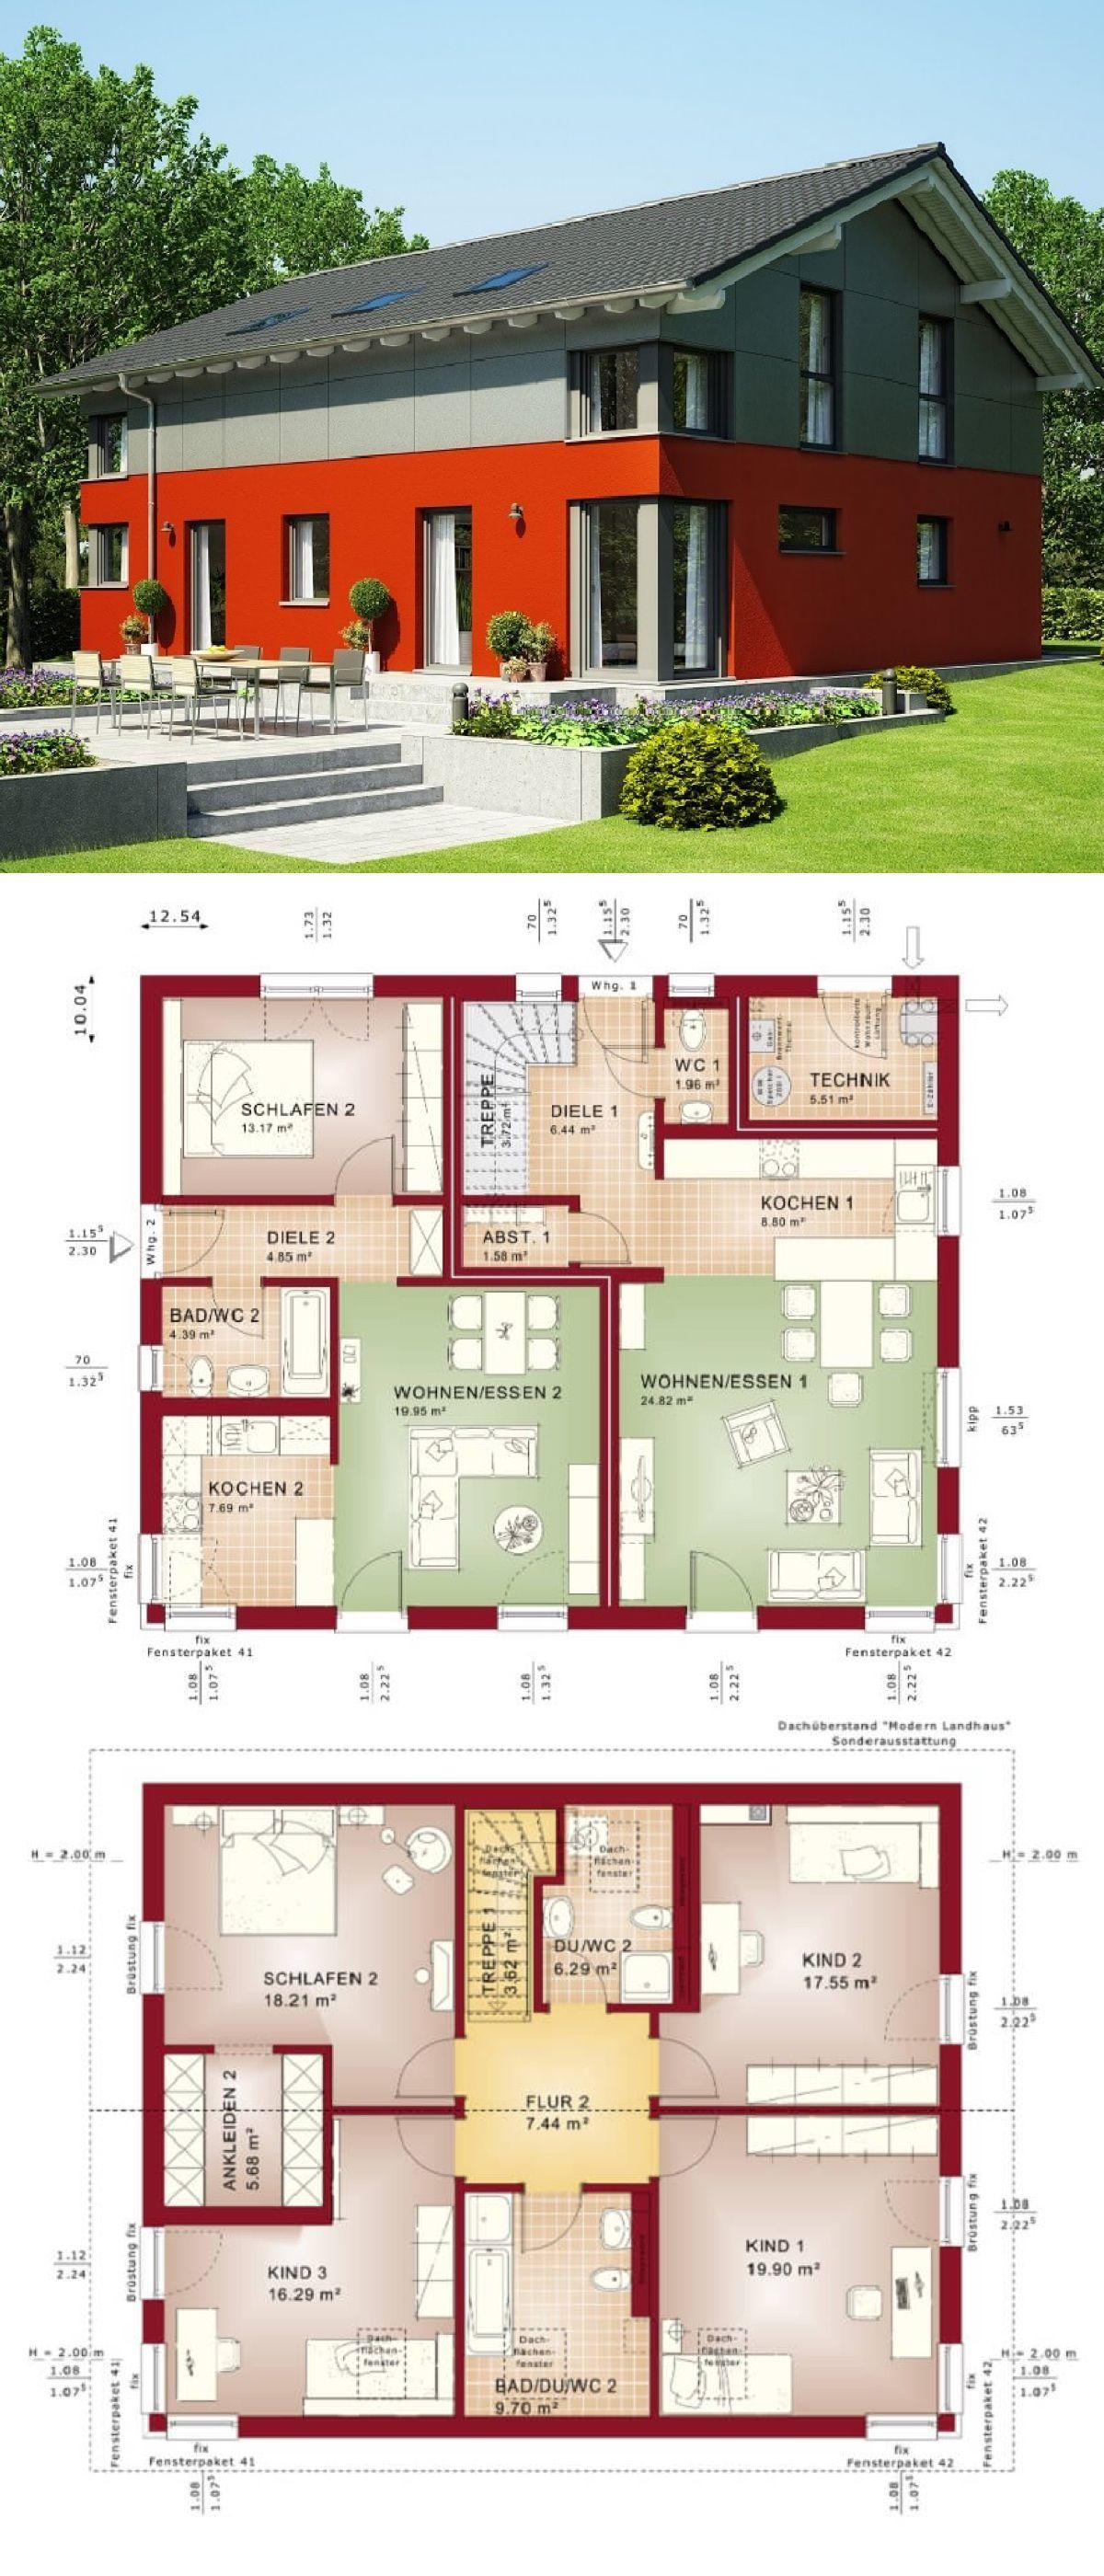 Zweifamilienhaus modern mit einliegerwohnung satteldach for Minimalistisches haus grundriss